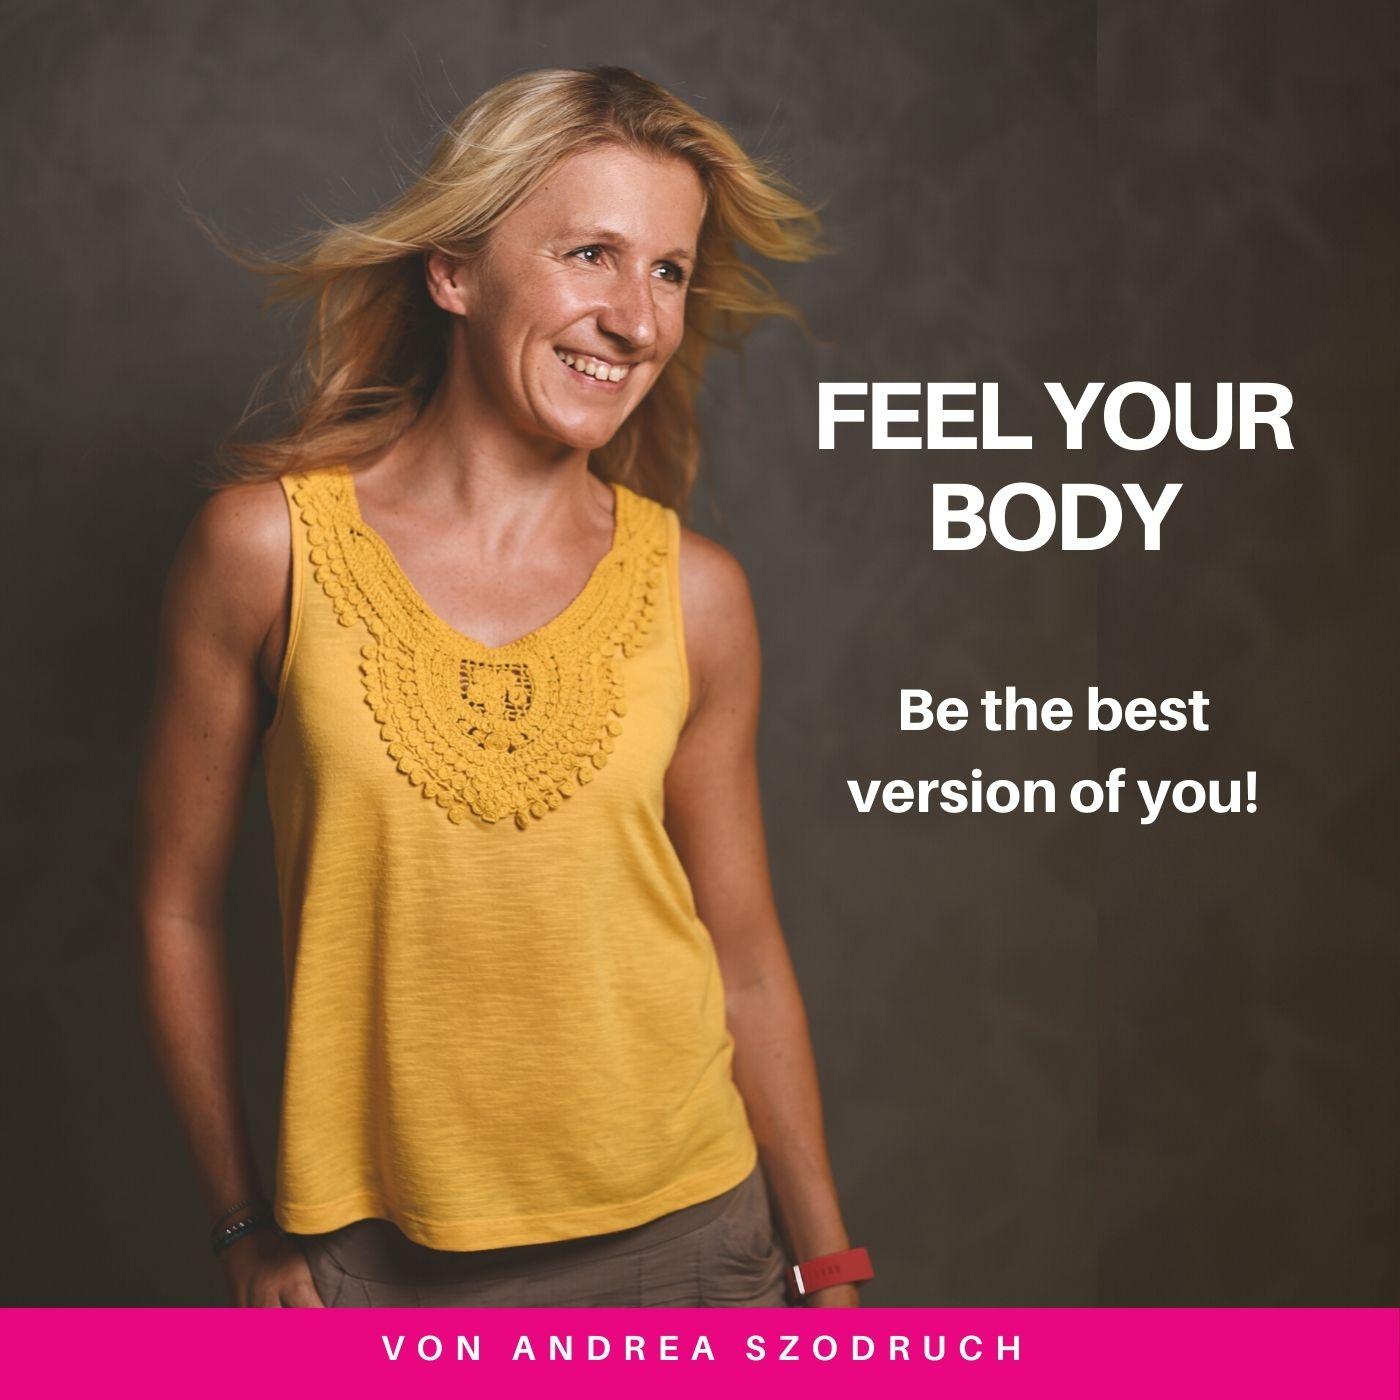 Feel your body |Der Female Empowerment Podcast - Persönlichkeitsentwicklung, Selbstliebe, Yoga & mehr show art